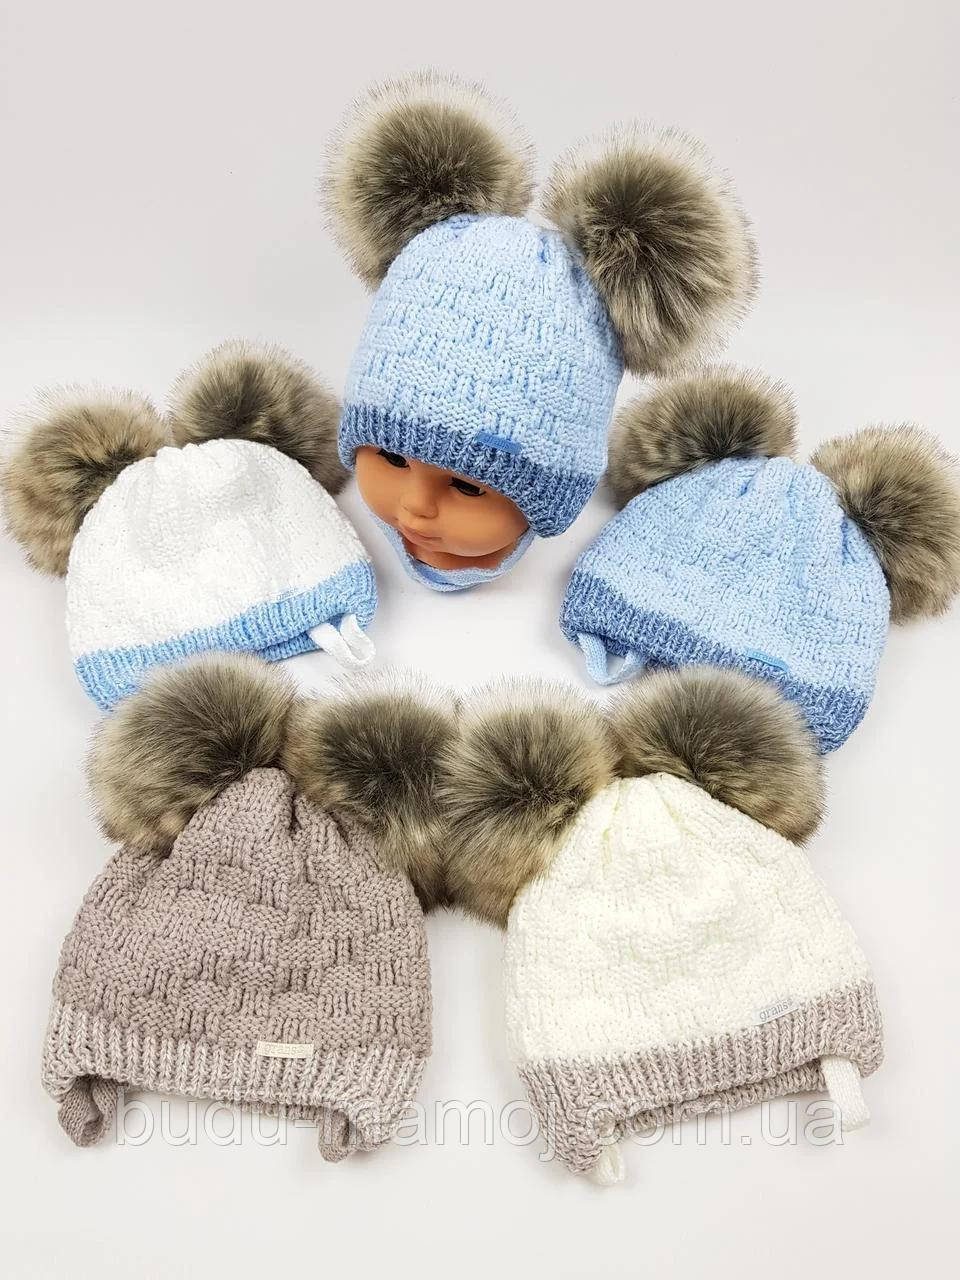 Зимняя шапочка для новорожденных девочке мальчику в роддом и для прогулок